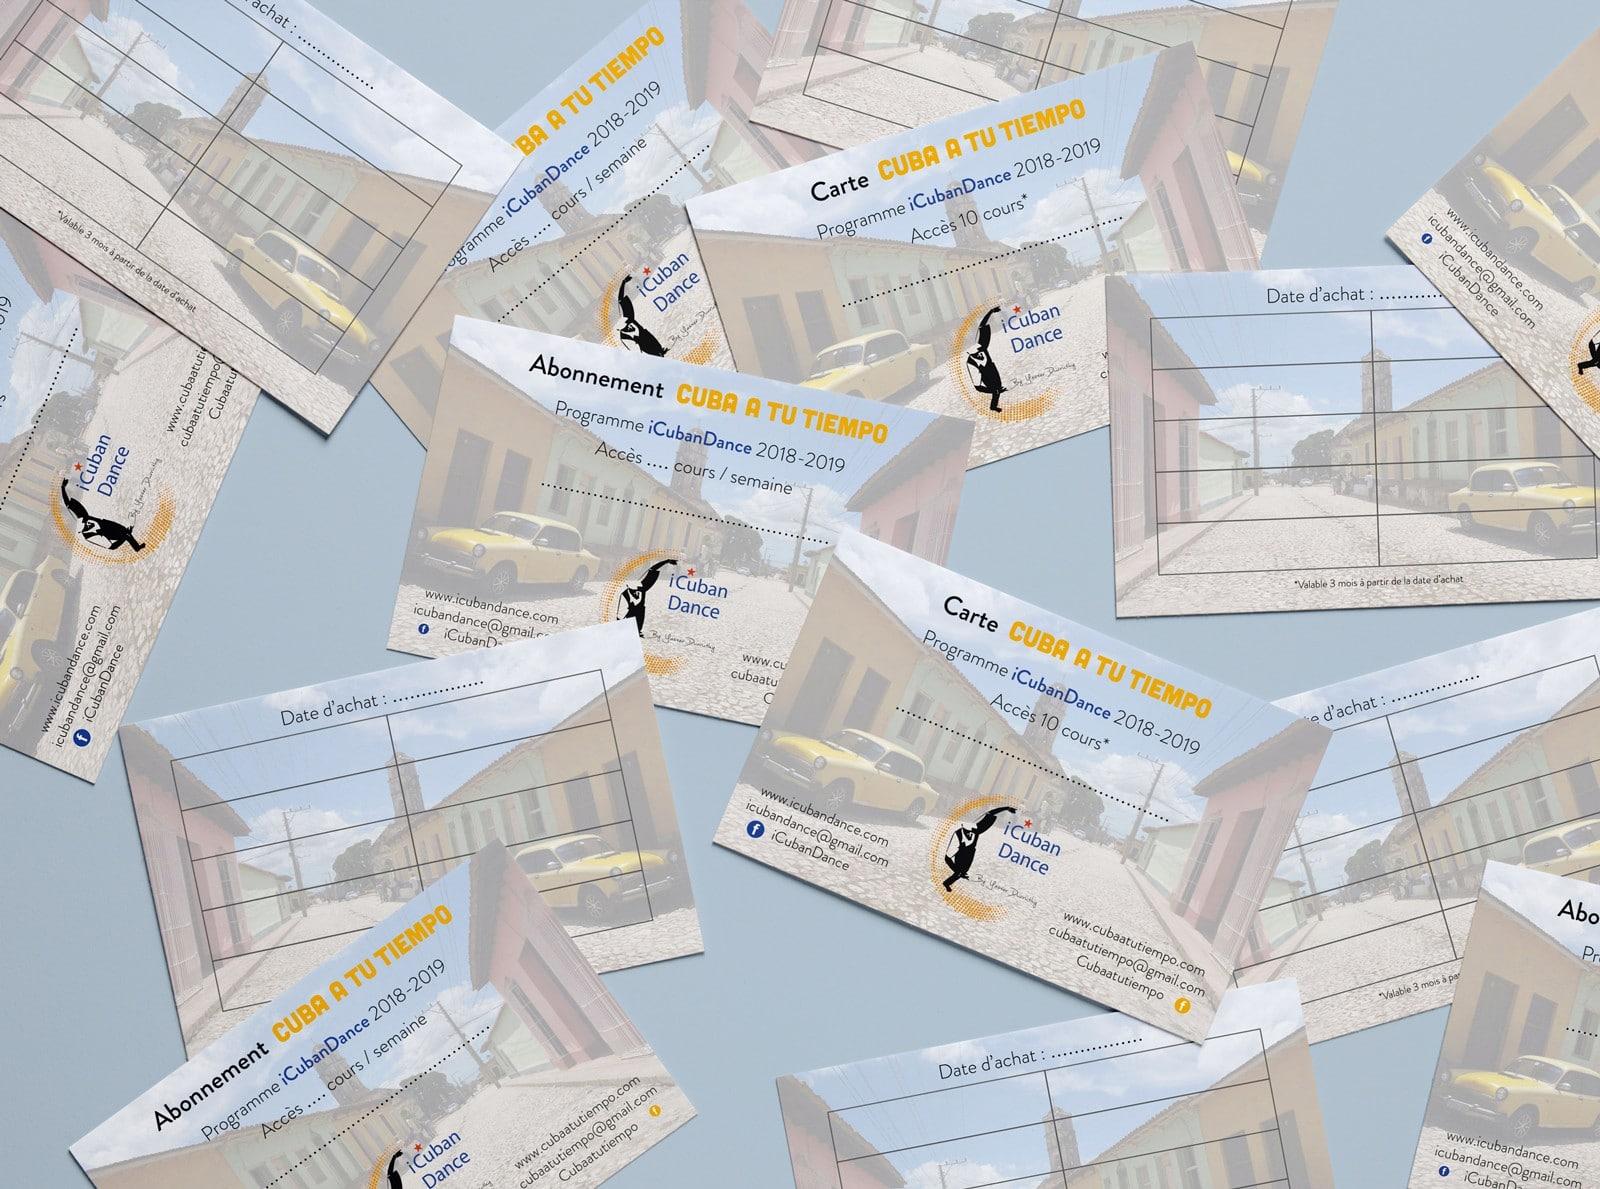 Cartes d'abonnements aux cours d'iCubanDance